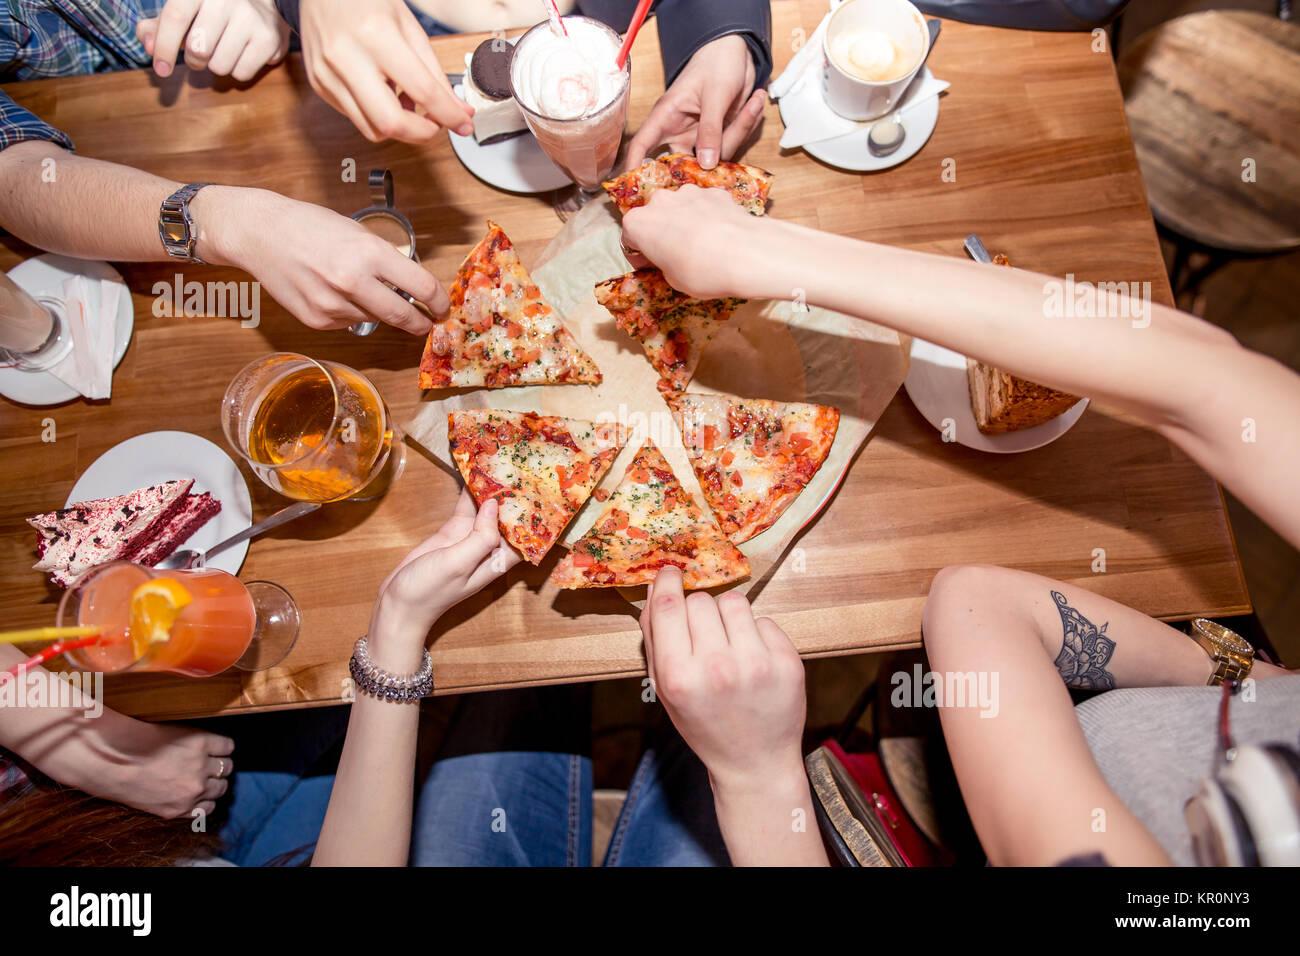 Amigos comiendo pizza en casa fiesta, closeup Imagen De Stock